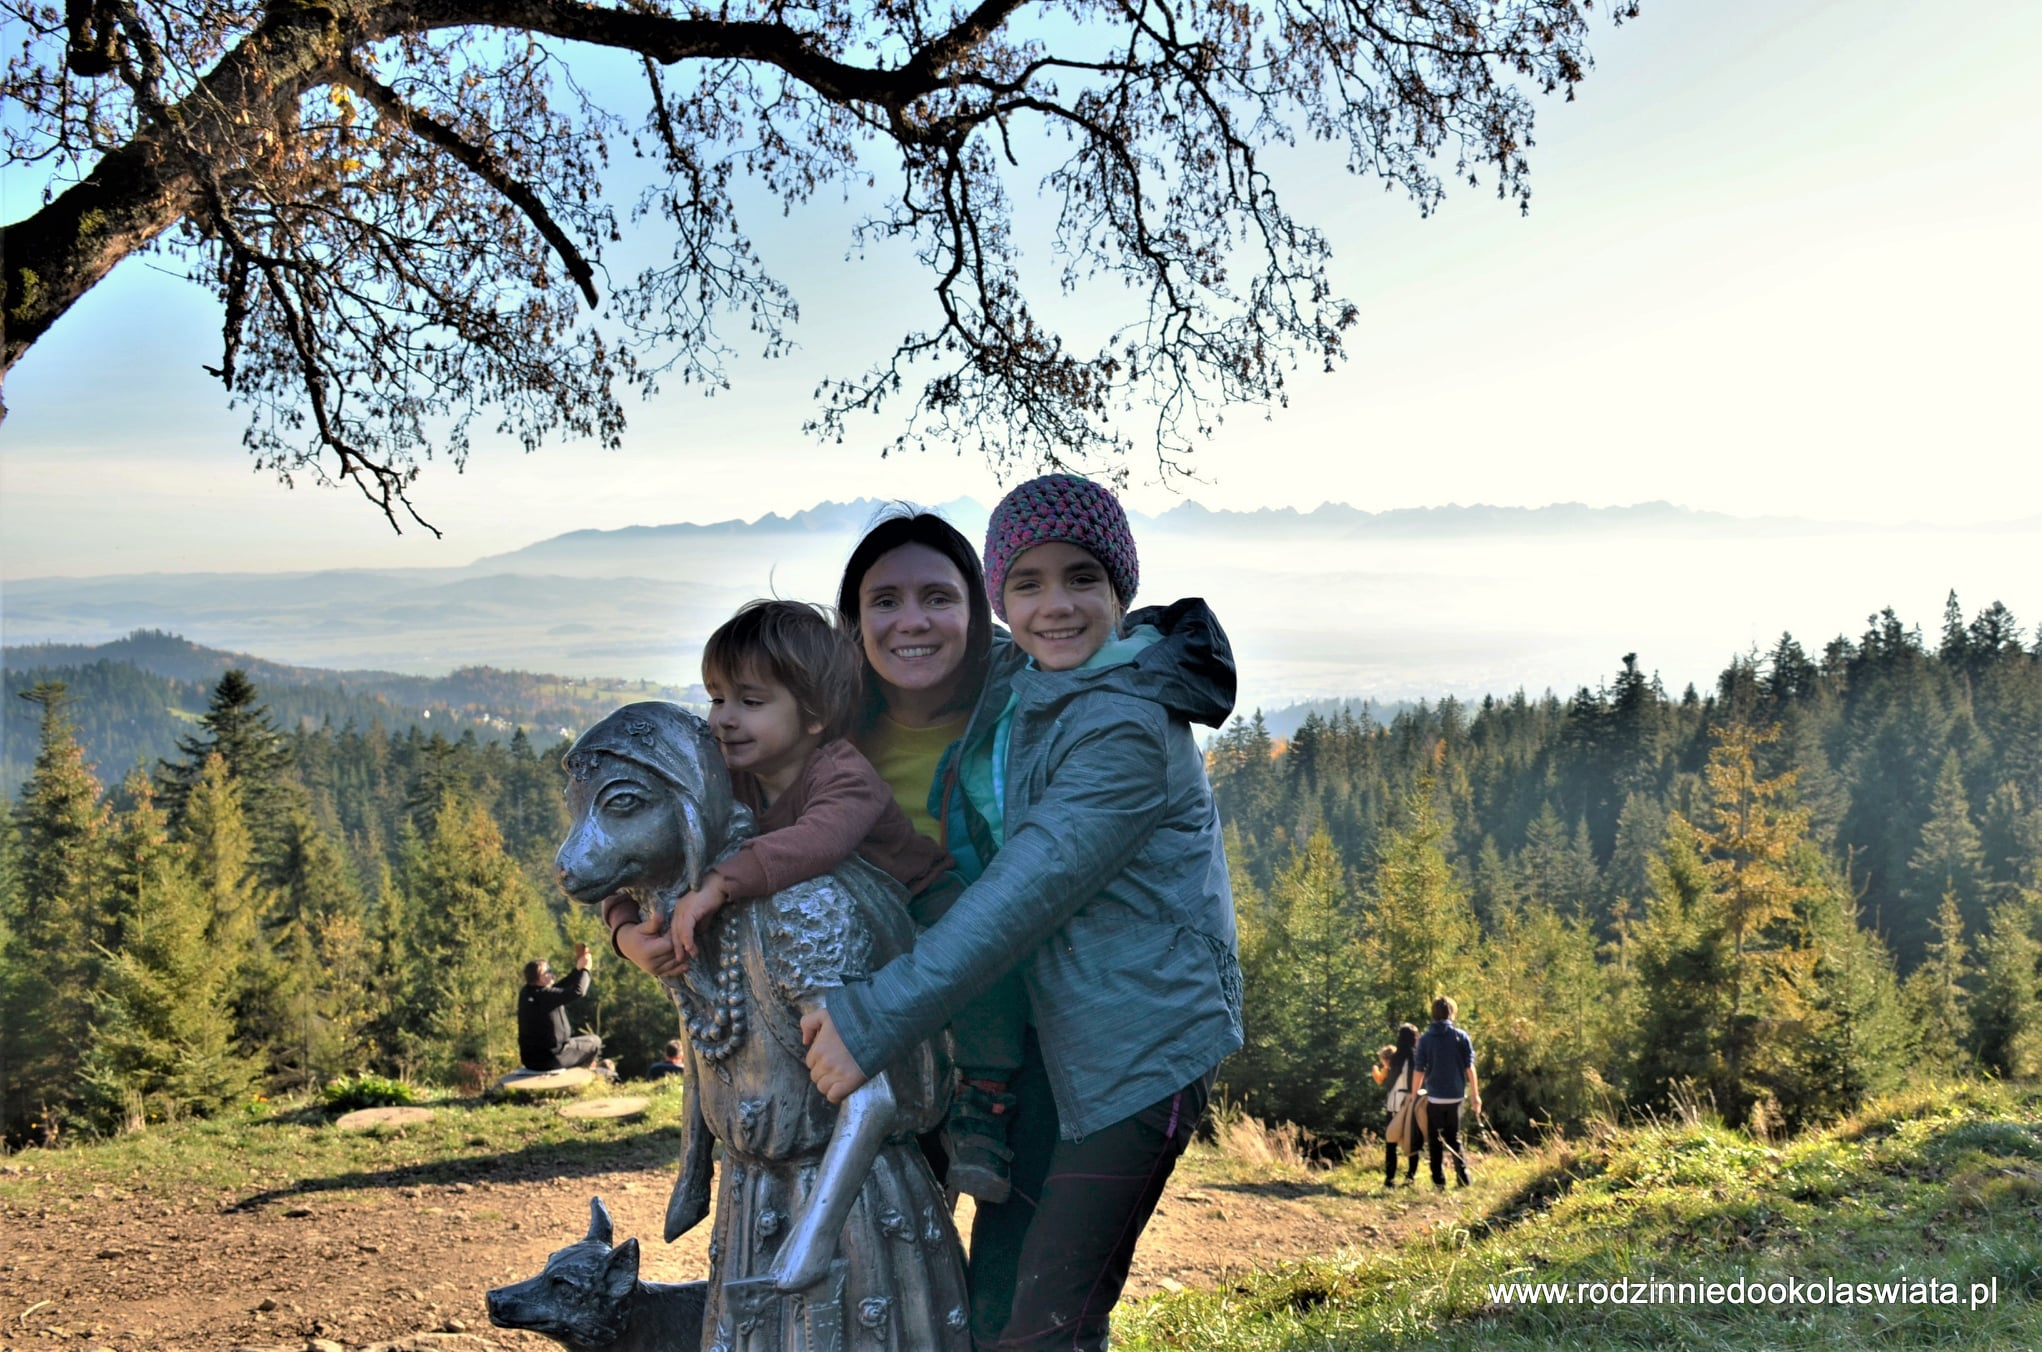 blog rodzinnie dookoła świata opinie